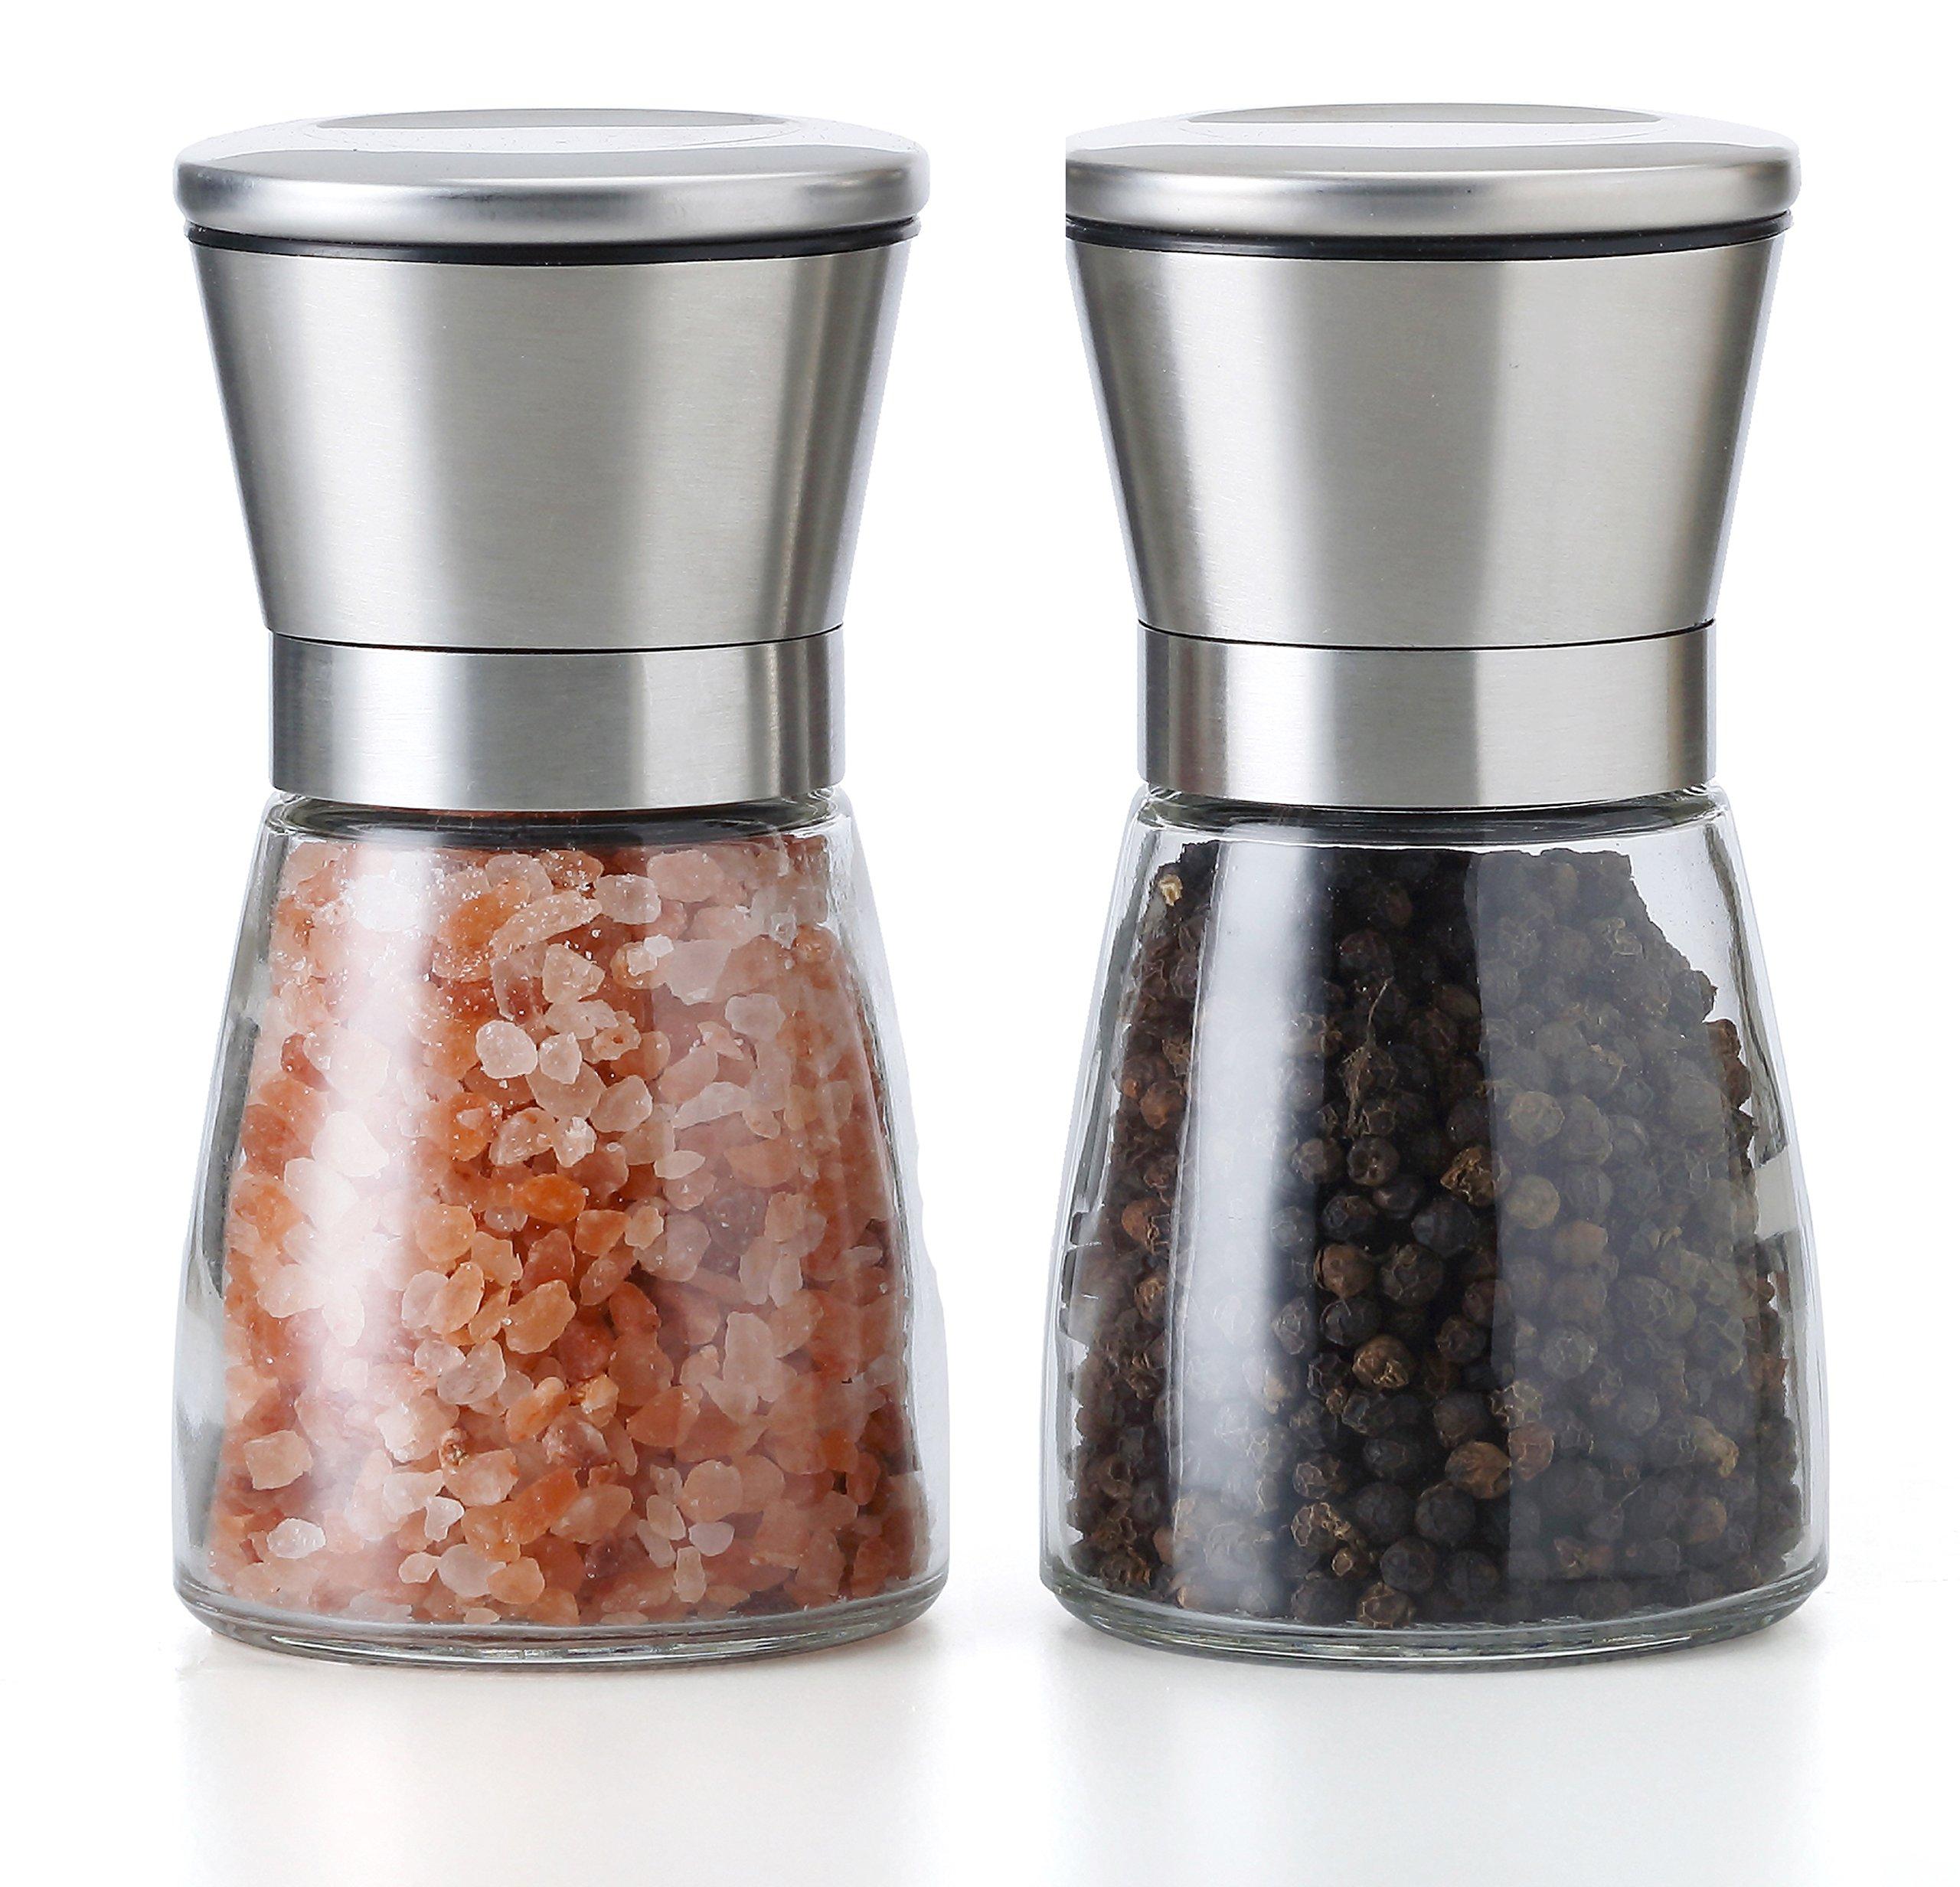 TGY Grinder Set of 2 Adjustable Coarseness Salt & Pepper Shakers Glass Mill Brushed